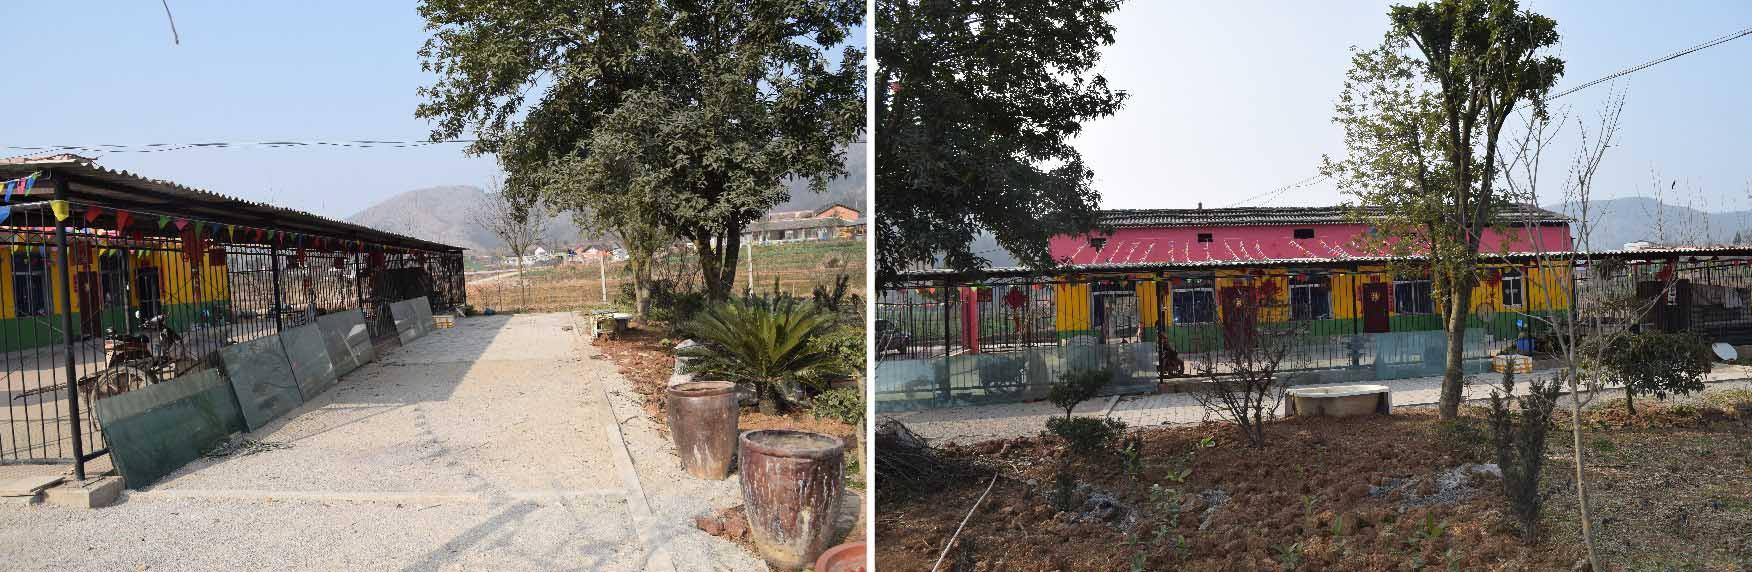 陈村水库农场改造设计现状实景